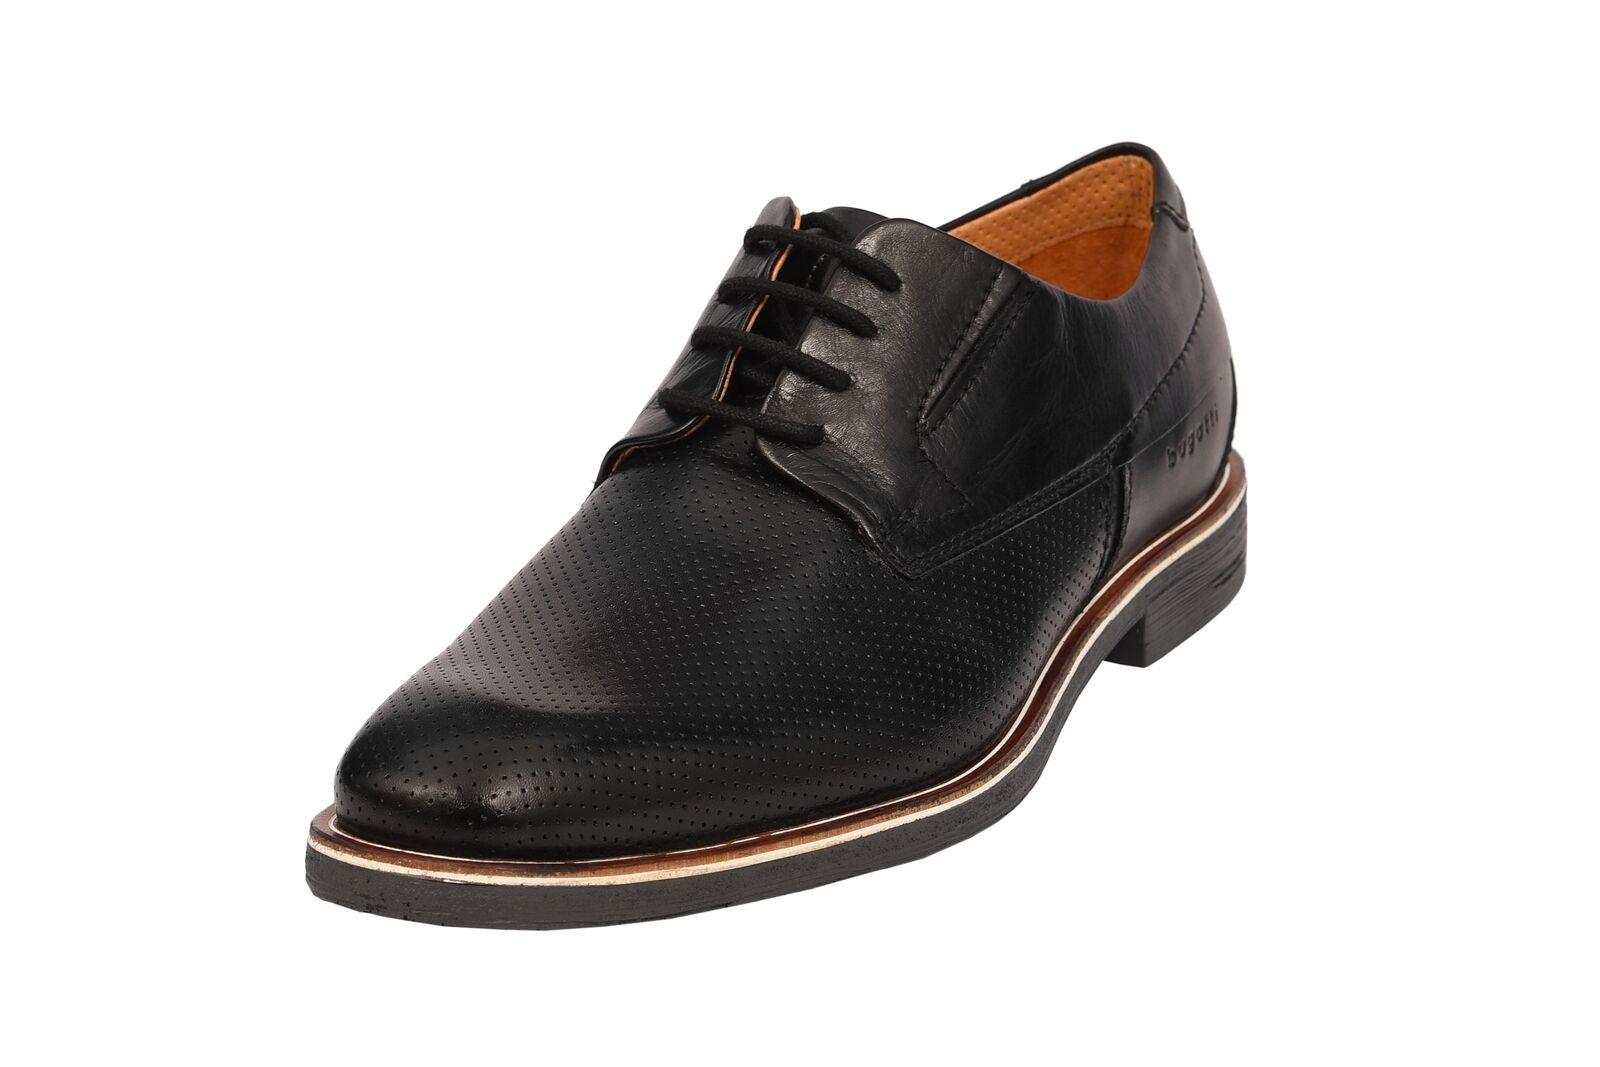 best sneakers 744a3 4afe7 EXKO MATTIA 312-41704-1000 Bugatti - 1000-schwarz - Business ...